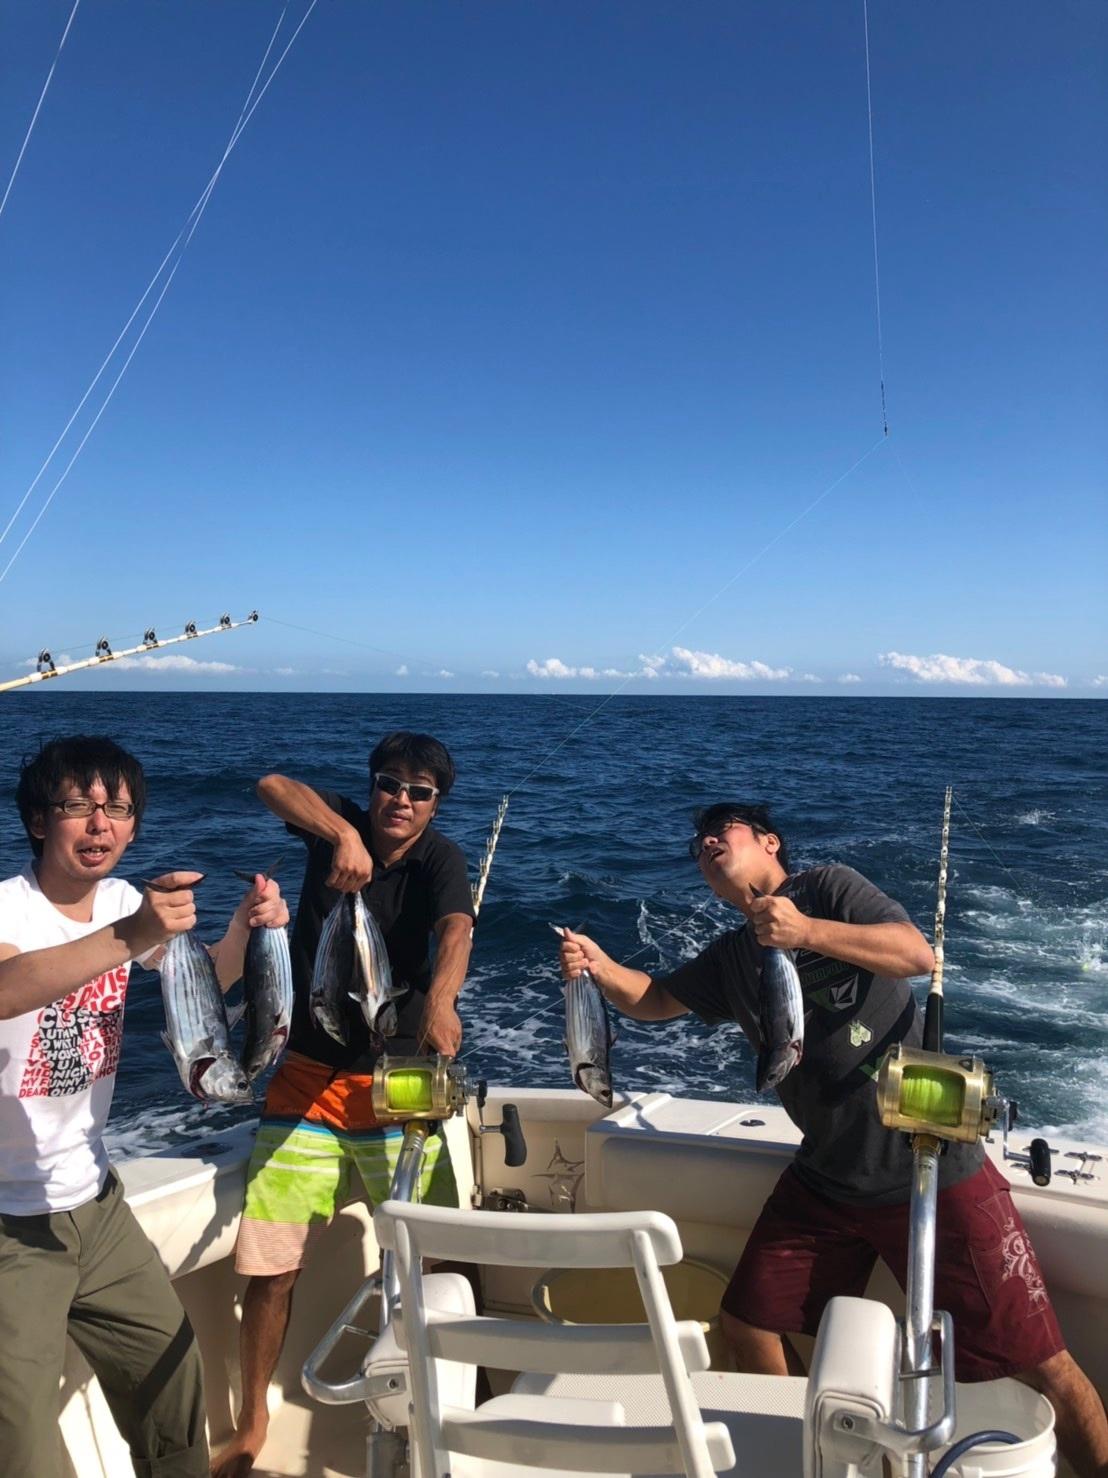 台風後の海、カツオがいた_f0009039_17315477.jpeg